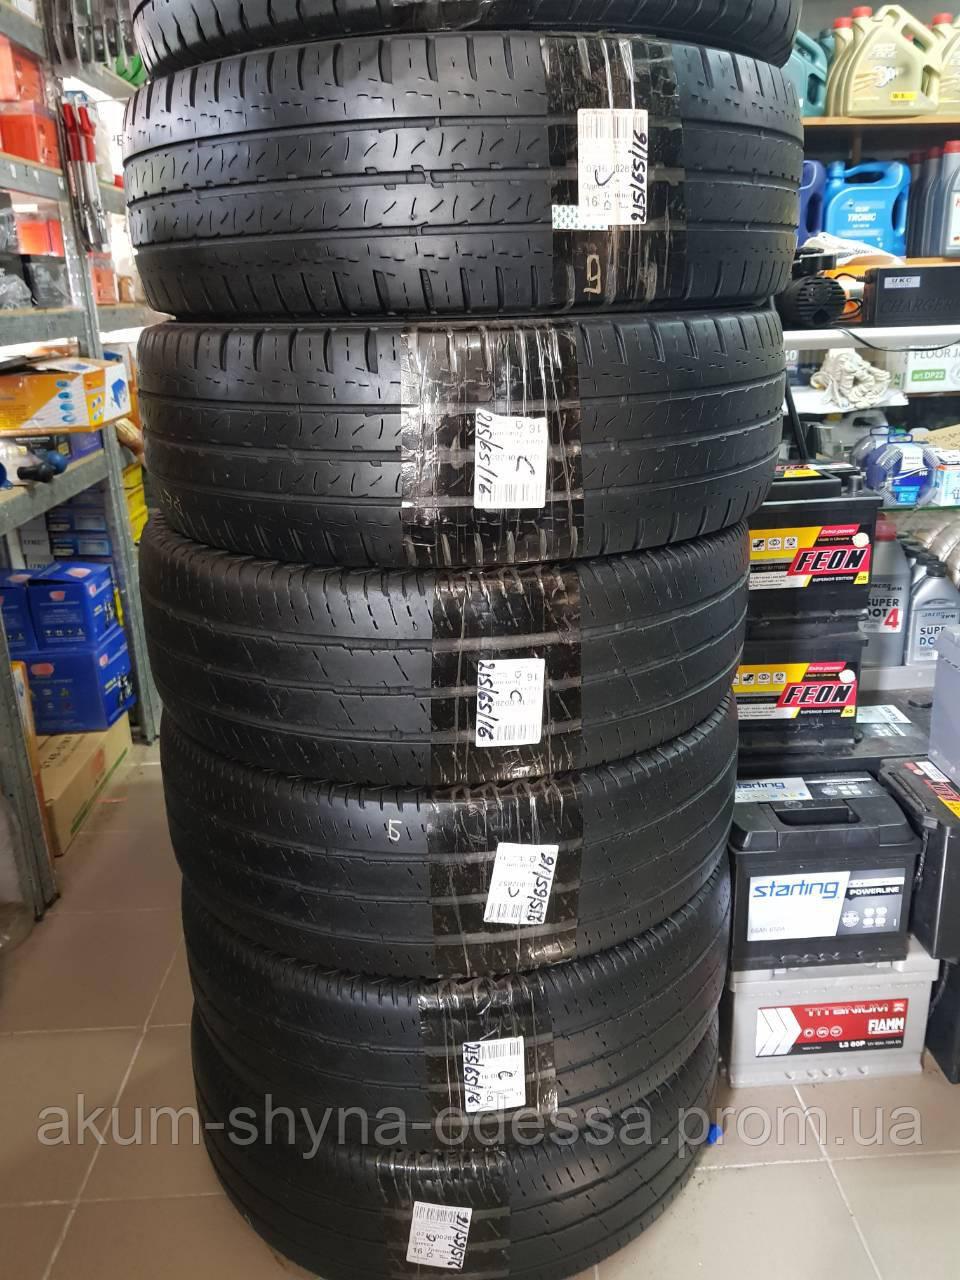 Шины зимние б/у 215/65 16С Continental протектор 6,5mm, комплект